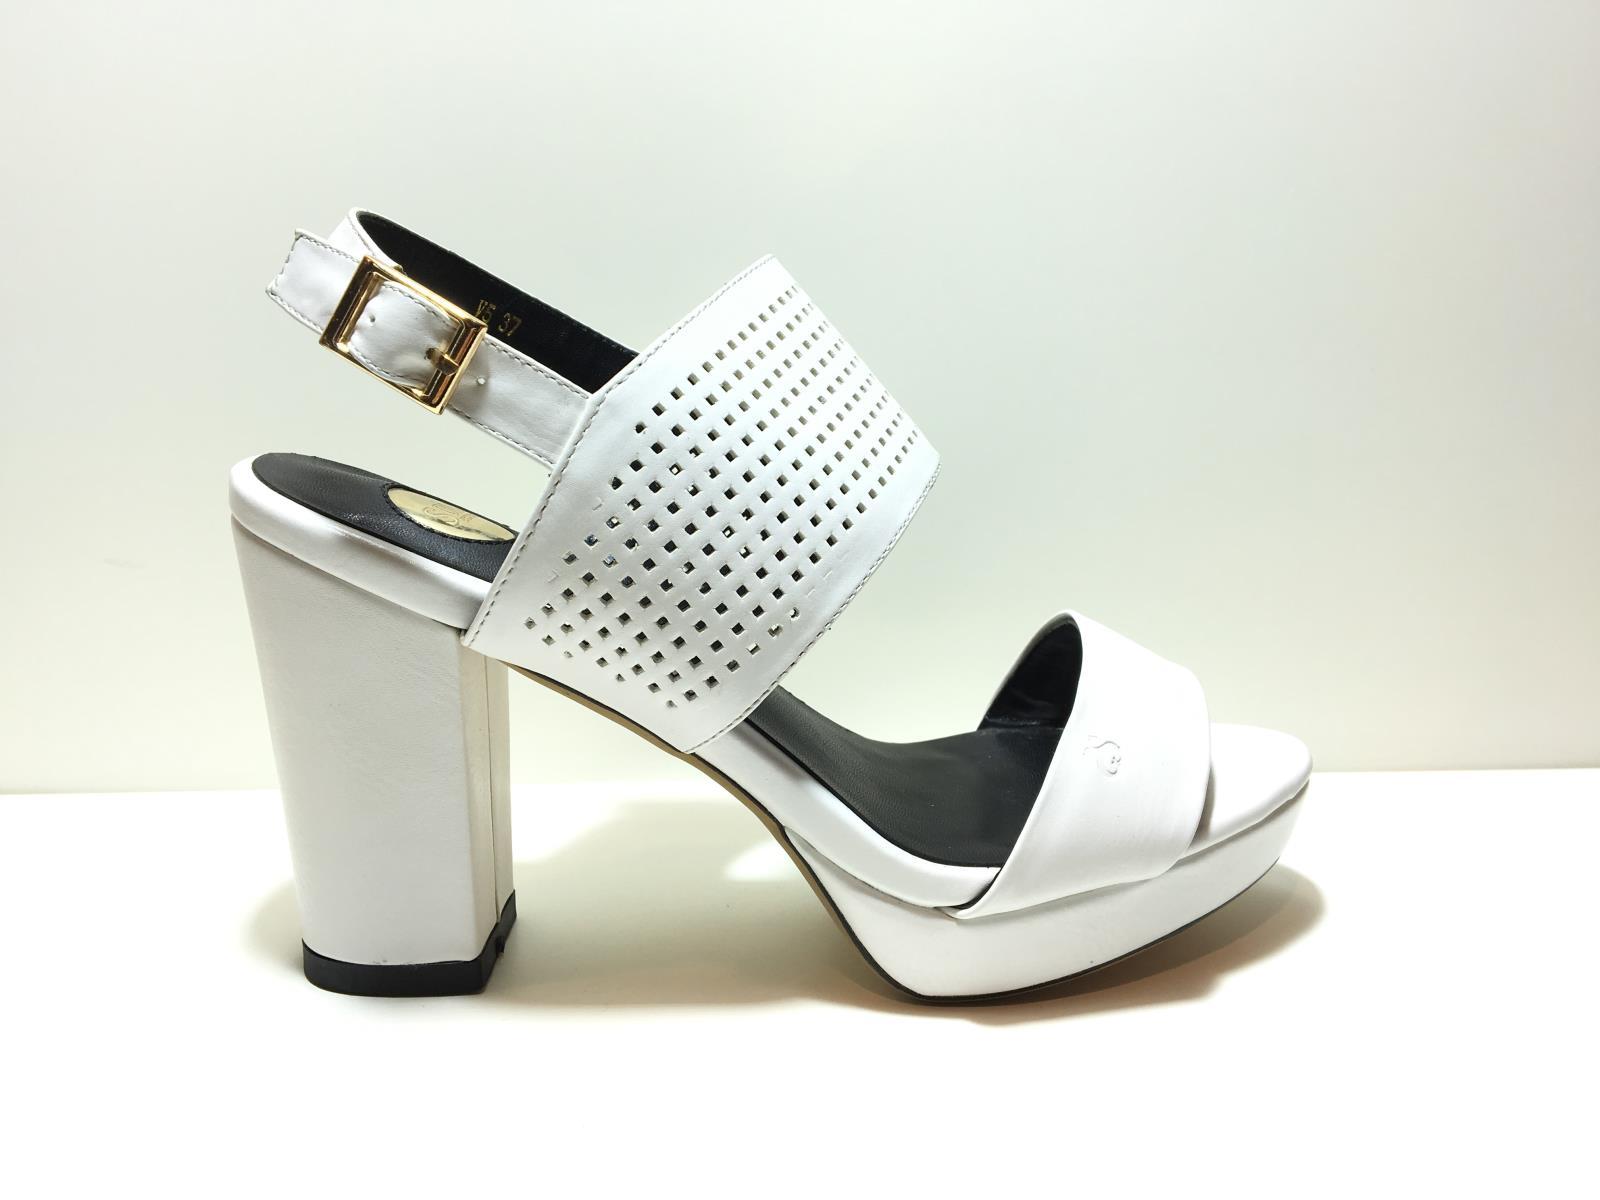 Acquista scarpe solo soprani - OFF56% sconti 05476865364